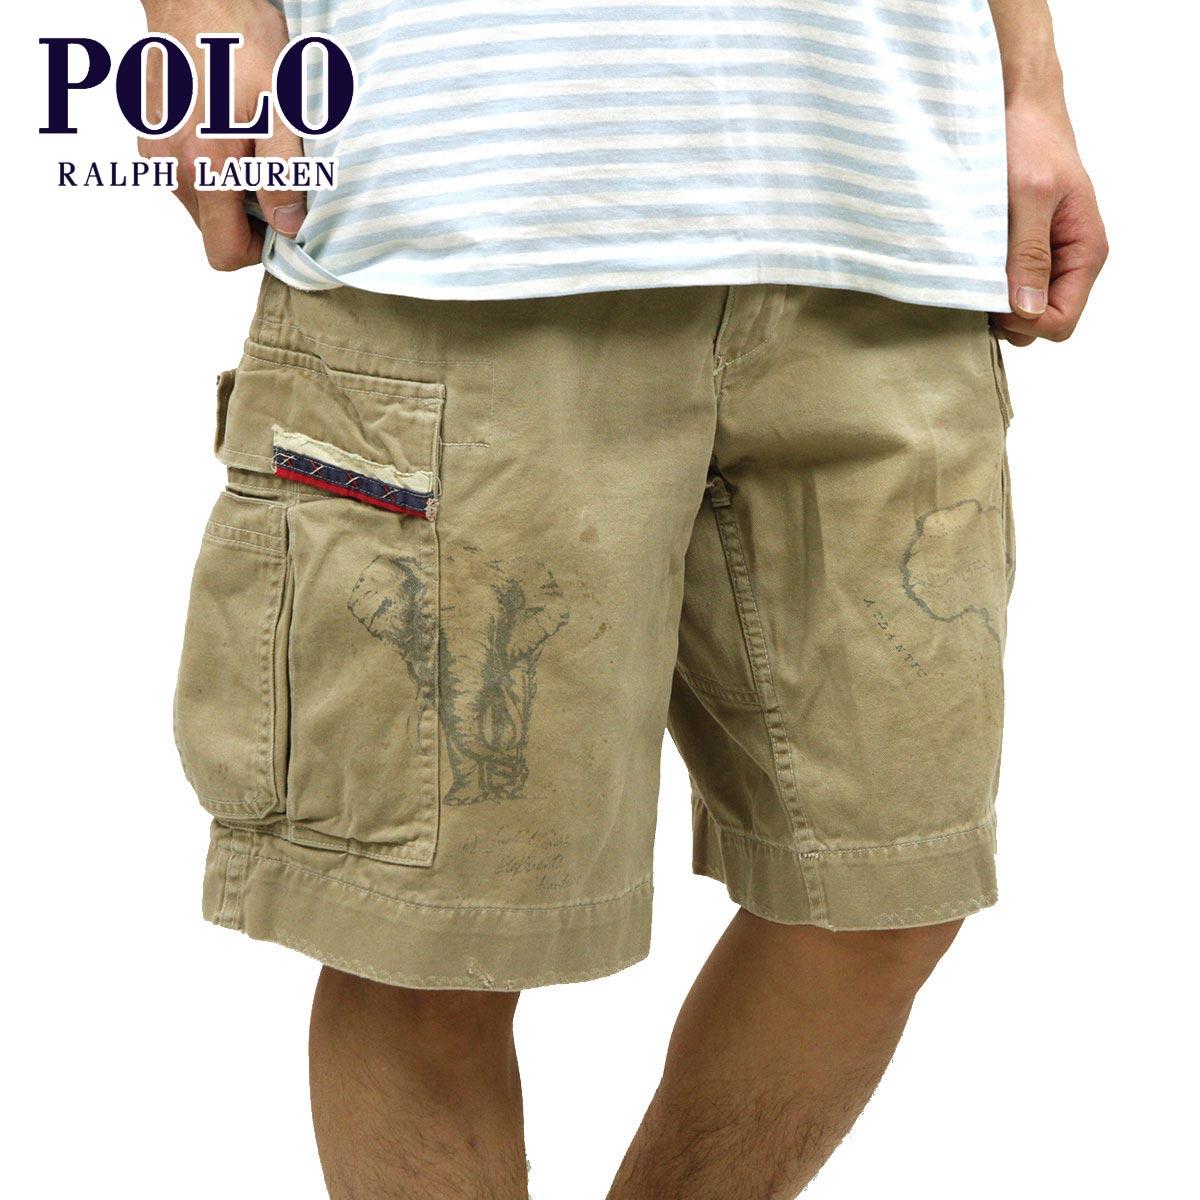 【販売期間 4/2 10:00~4/8 09:59】 ポロ ラルフローレン POLO RALPH LAUREN 正規品 メンズ ショートパンツ SHORT PANTS カーキ D20S30